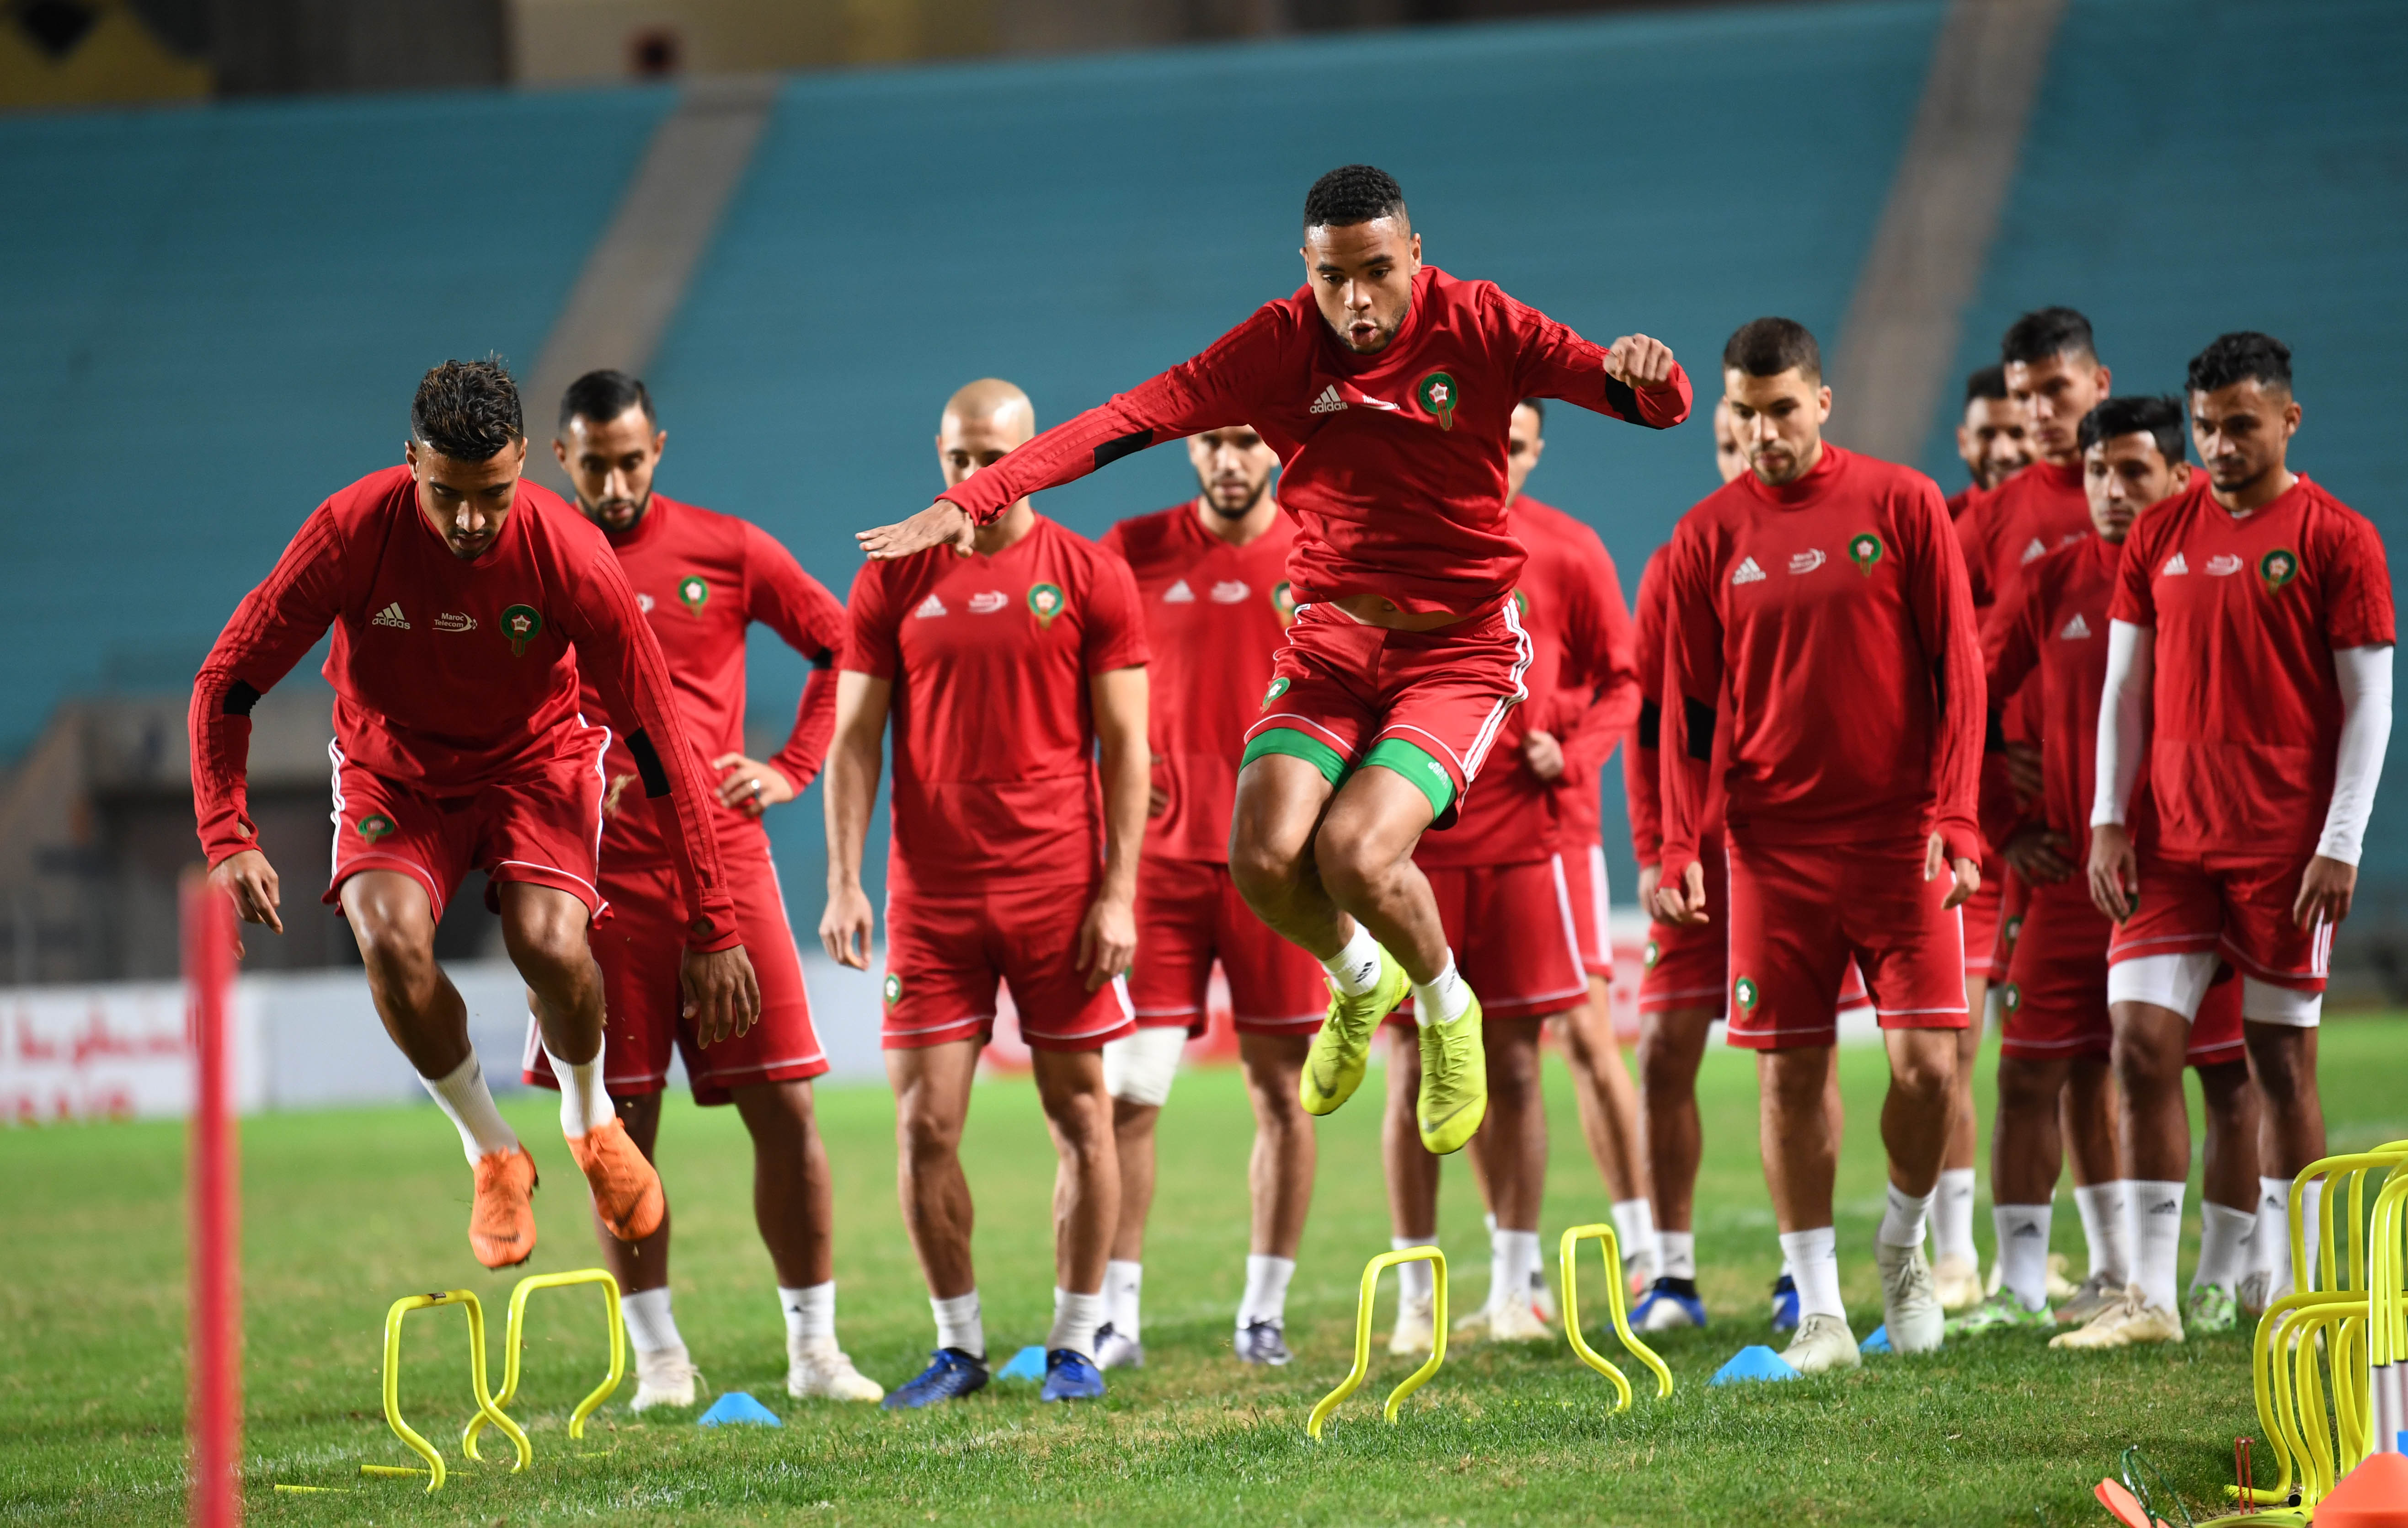 Classement-Fifa : la RDC, 5e nation en Afrique et 49e au monde